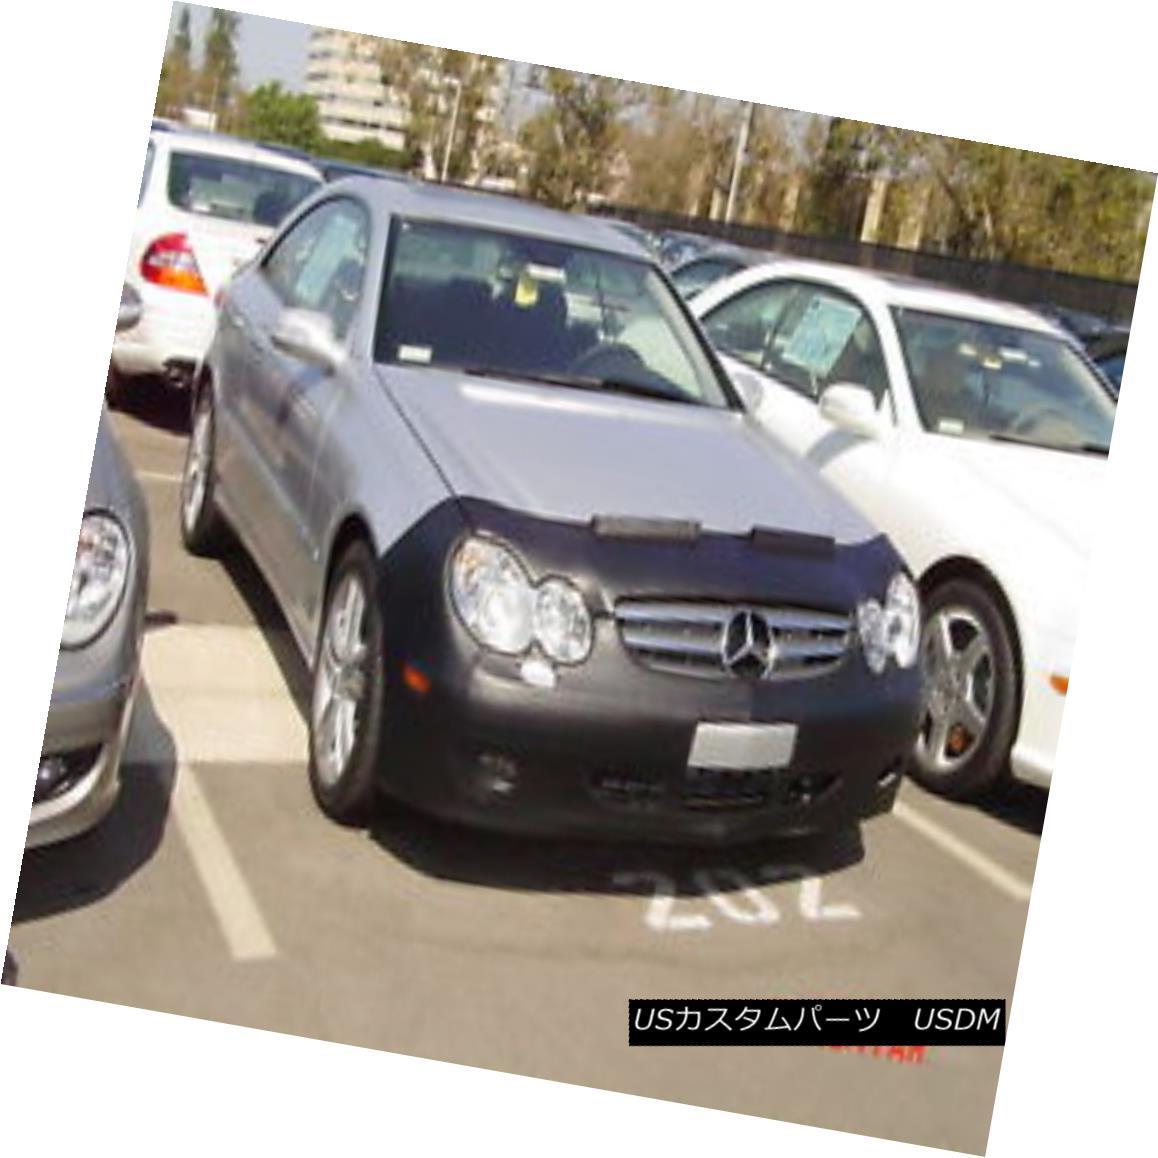 フルブラ ノーズブラ Colgan Front End Mask Bra 2pc. Fits Mercedes Benz CLK320 2003-2005 W/Lic. &Washr コルガンフロントエンドマスクブラ2pc Mercedes Benz CLK320 2003-2005 W / Licに適合します。 & Washr